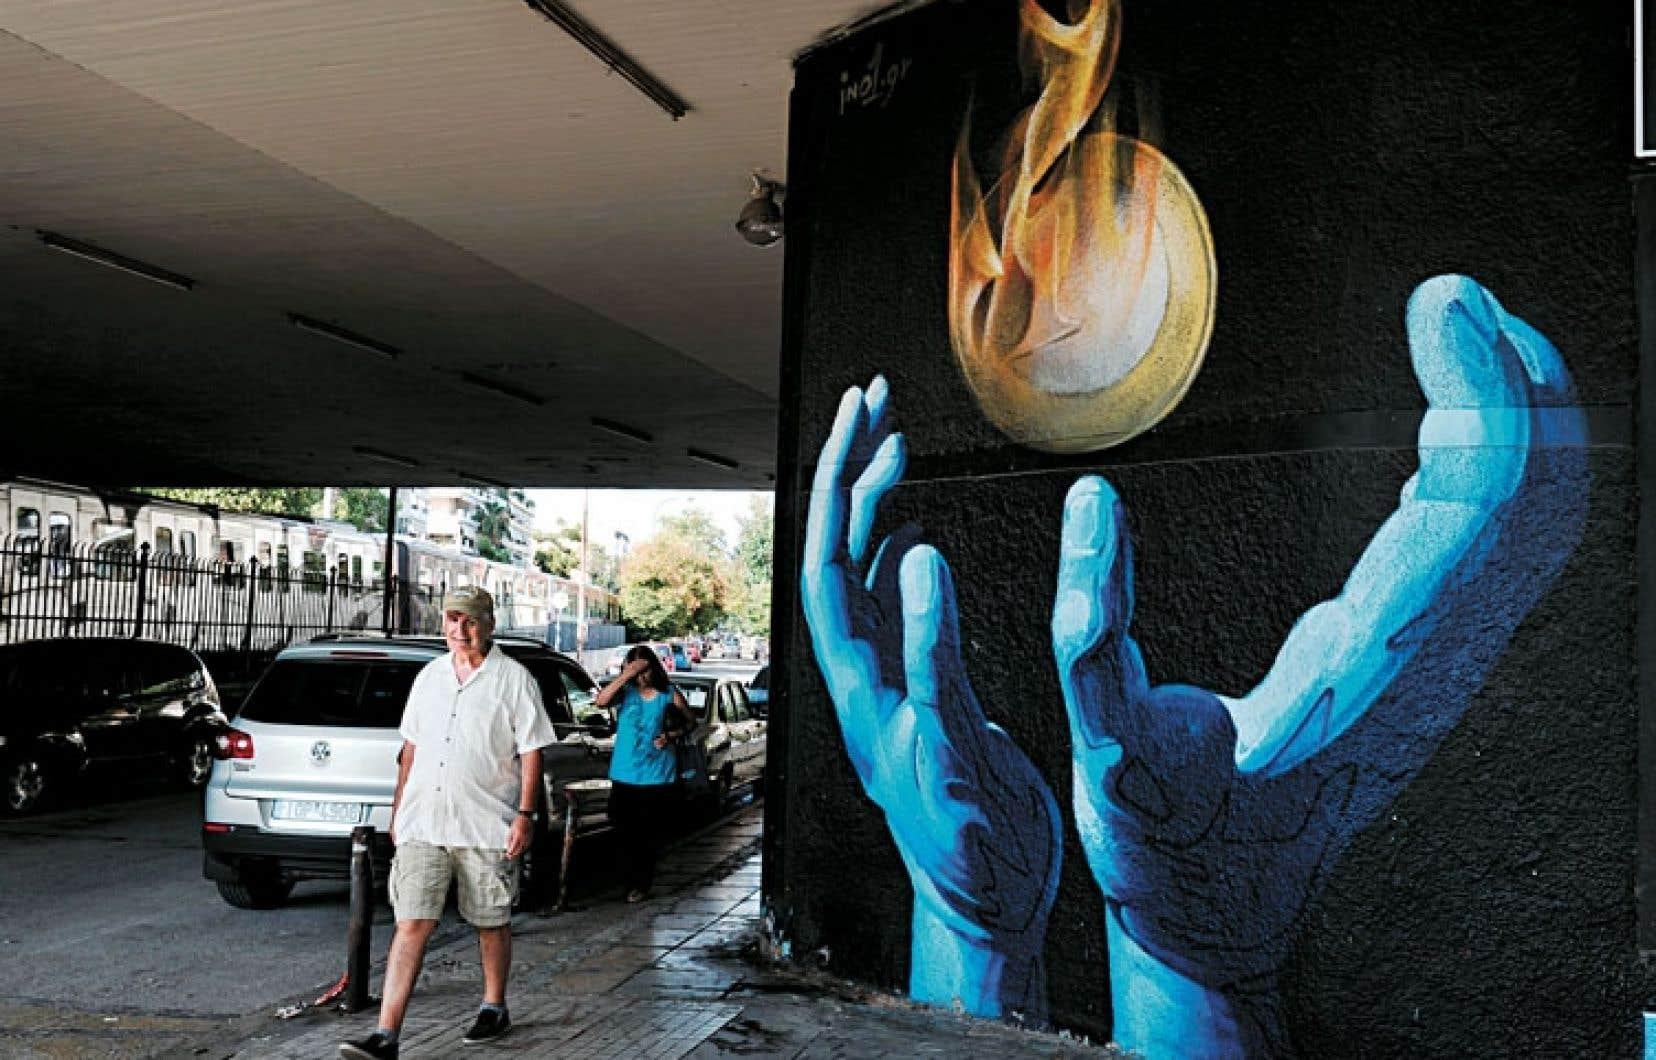 Murale dans une banlieue d'Athènes. La Grèce est demeurée dans la zone euro au prix d'un coûteux effort de rigueur qui lui a valu de s'enfoncer dans une profonde récession. Le pays aura encore besoin du soutien de ses voisins et du FMI. Reste à définir le type d'aide.